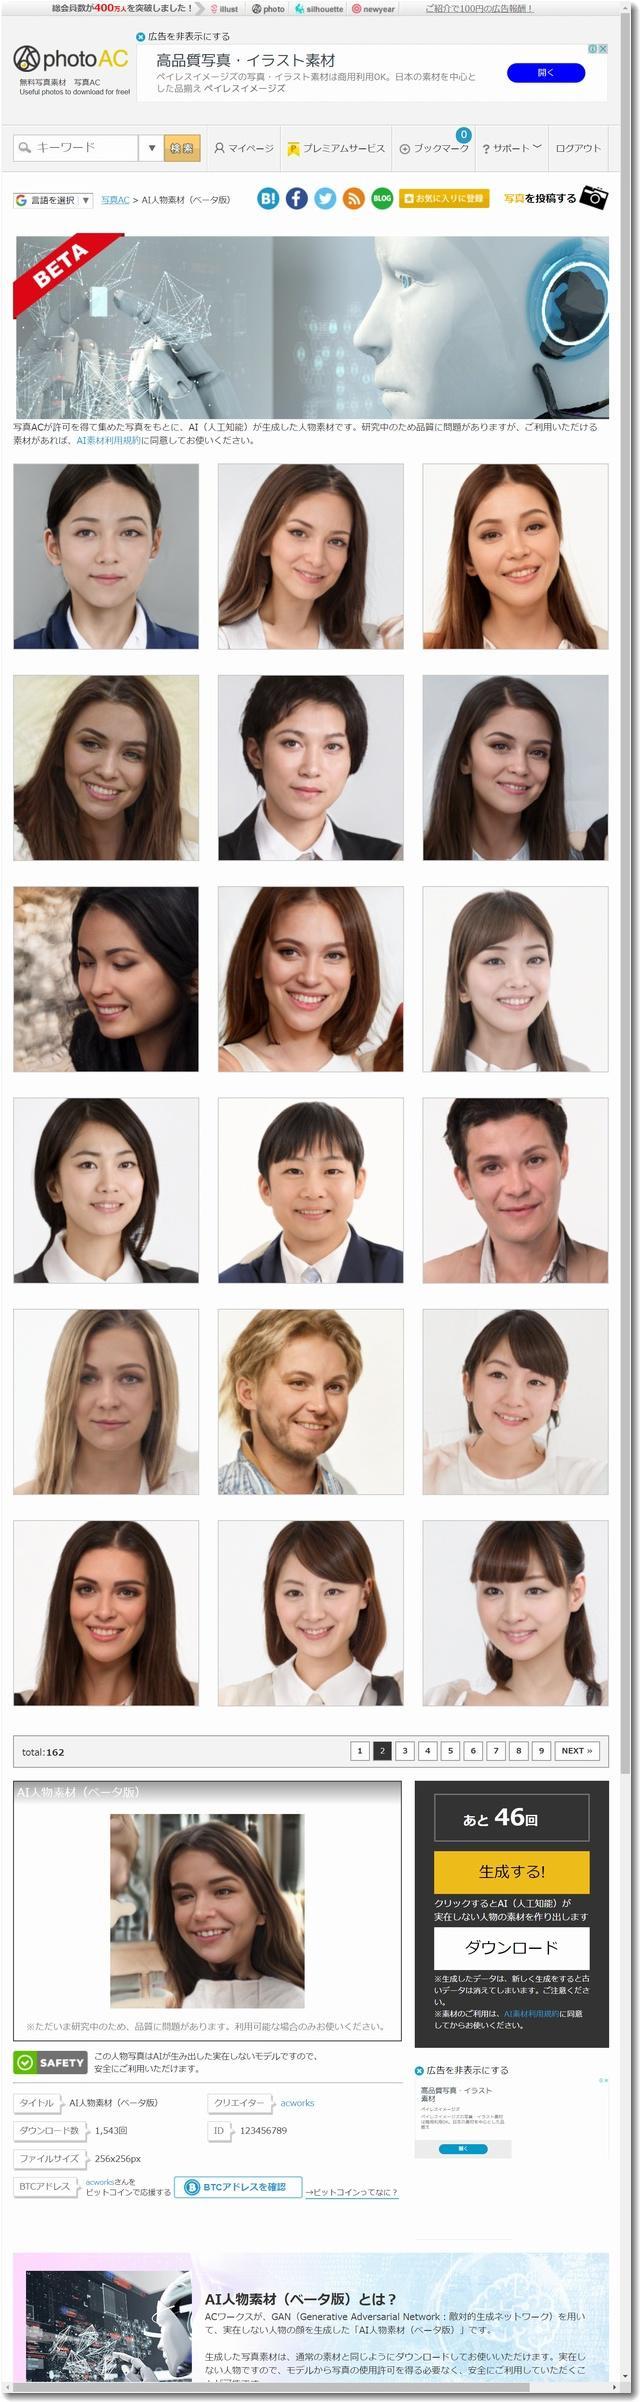 photo-accom_main_genface.jpg